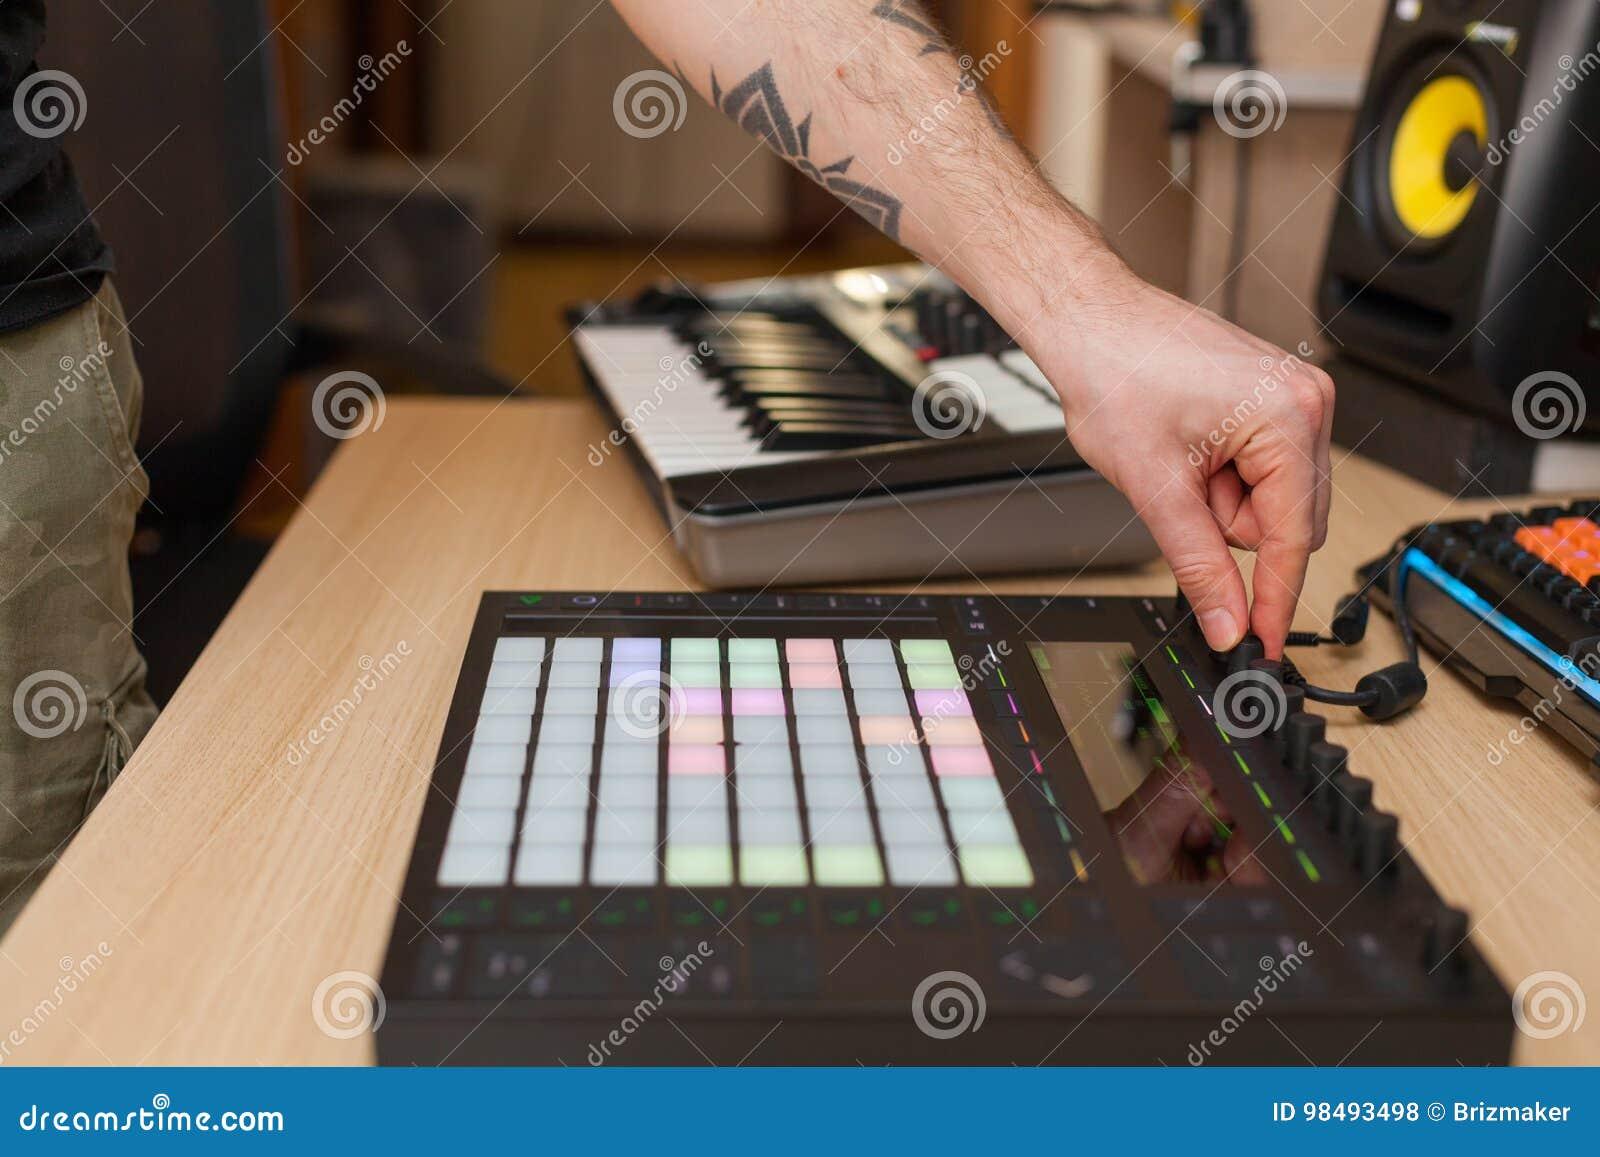 Le producteur fait une musique sur le contrôleur professionnel de production avec des protections de bouton poussoir